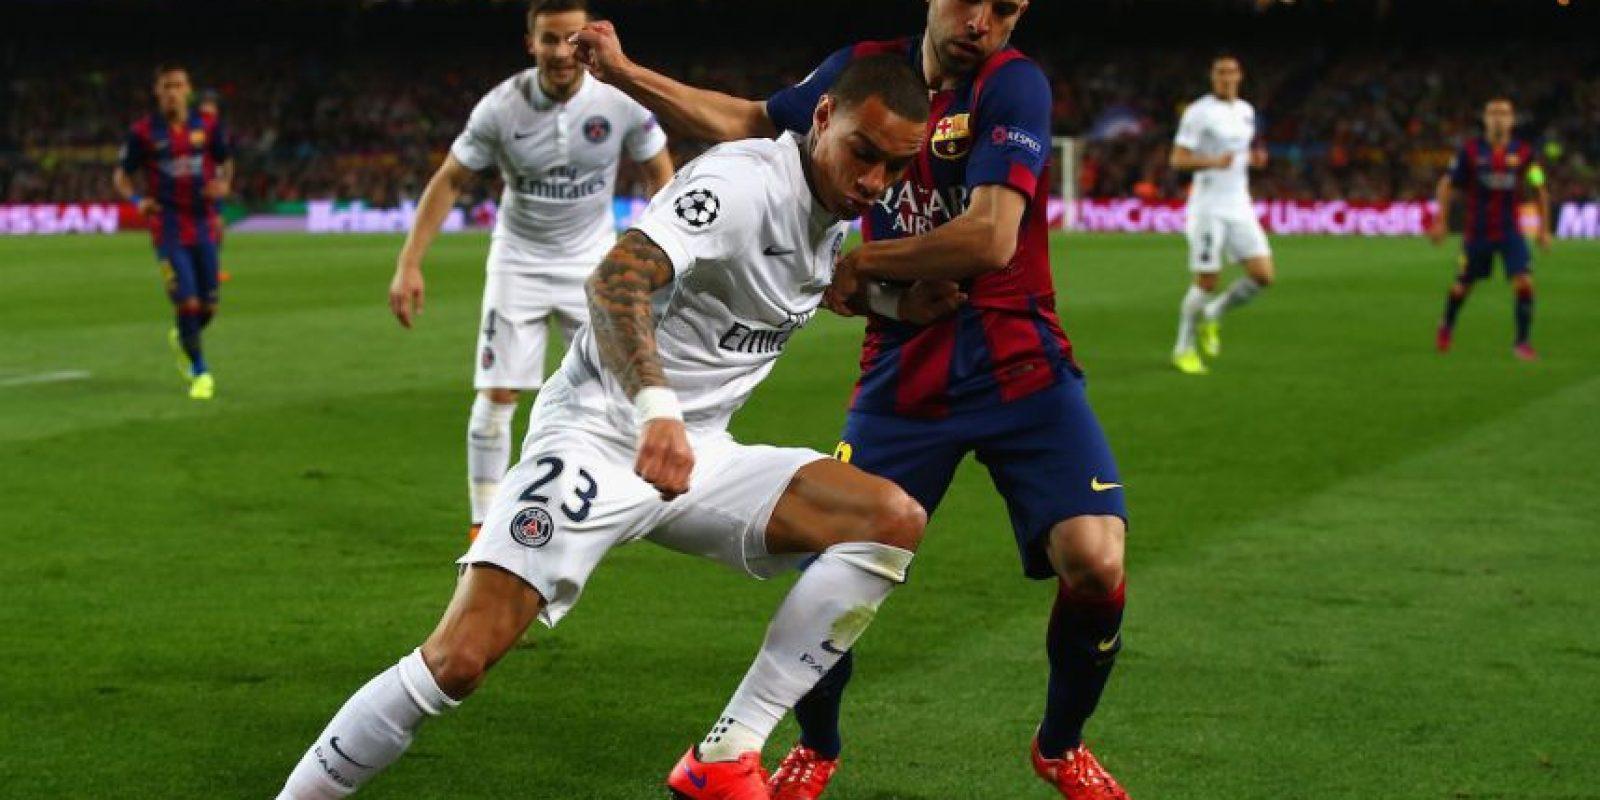 El defensa español tuvo grandes incorporaciones al ataque ante PSG, no dejó actuar a Edinson Cavani y sirvió varias veces a Neymar en el ataque. Foto:Getty Images